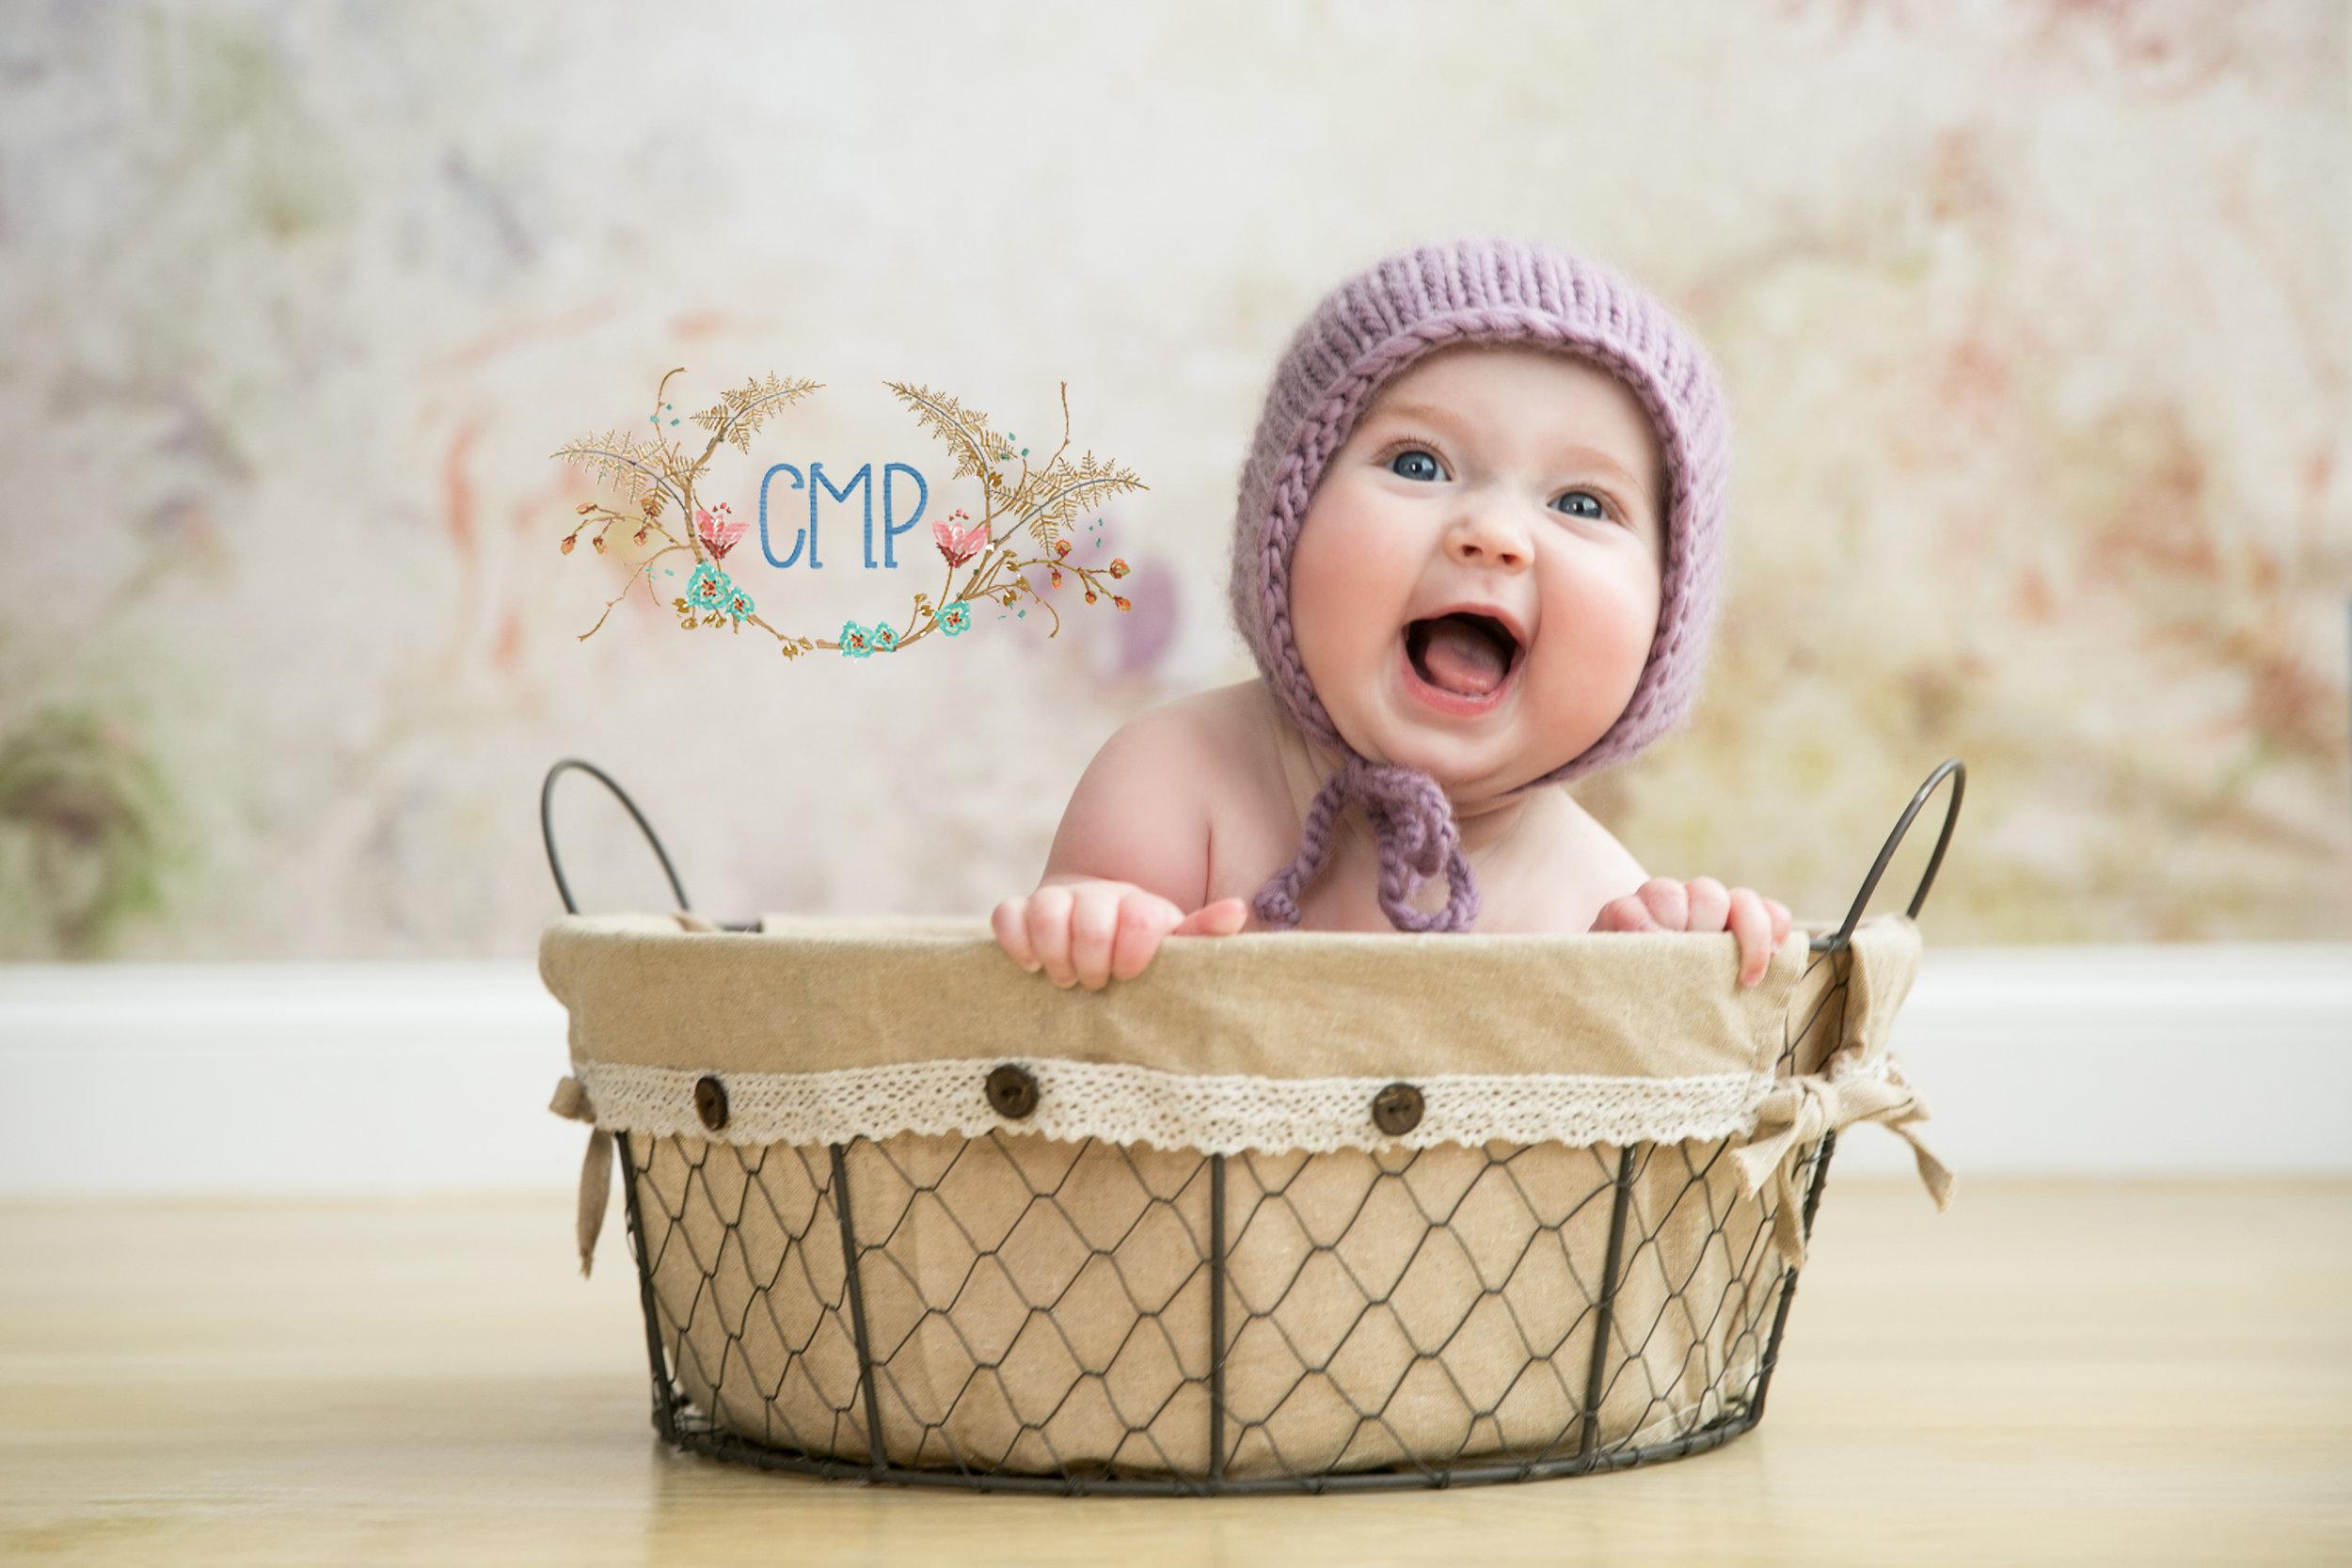 05_Adams_Josephine_Smiling_6_AdamsJSmiling761A0031-Edit.jpg